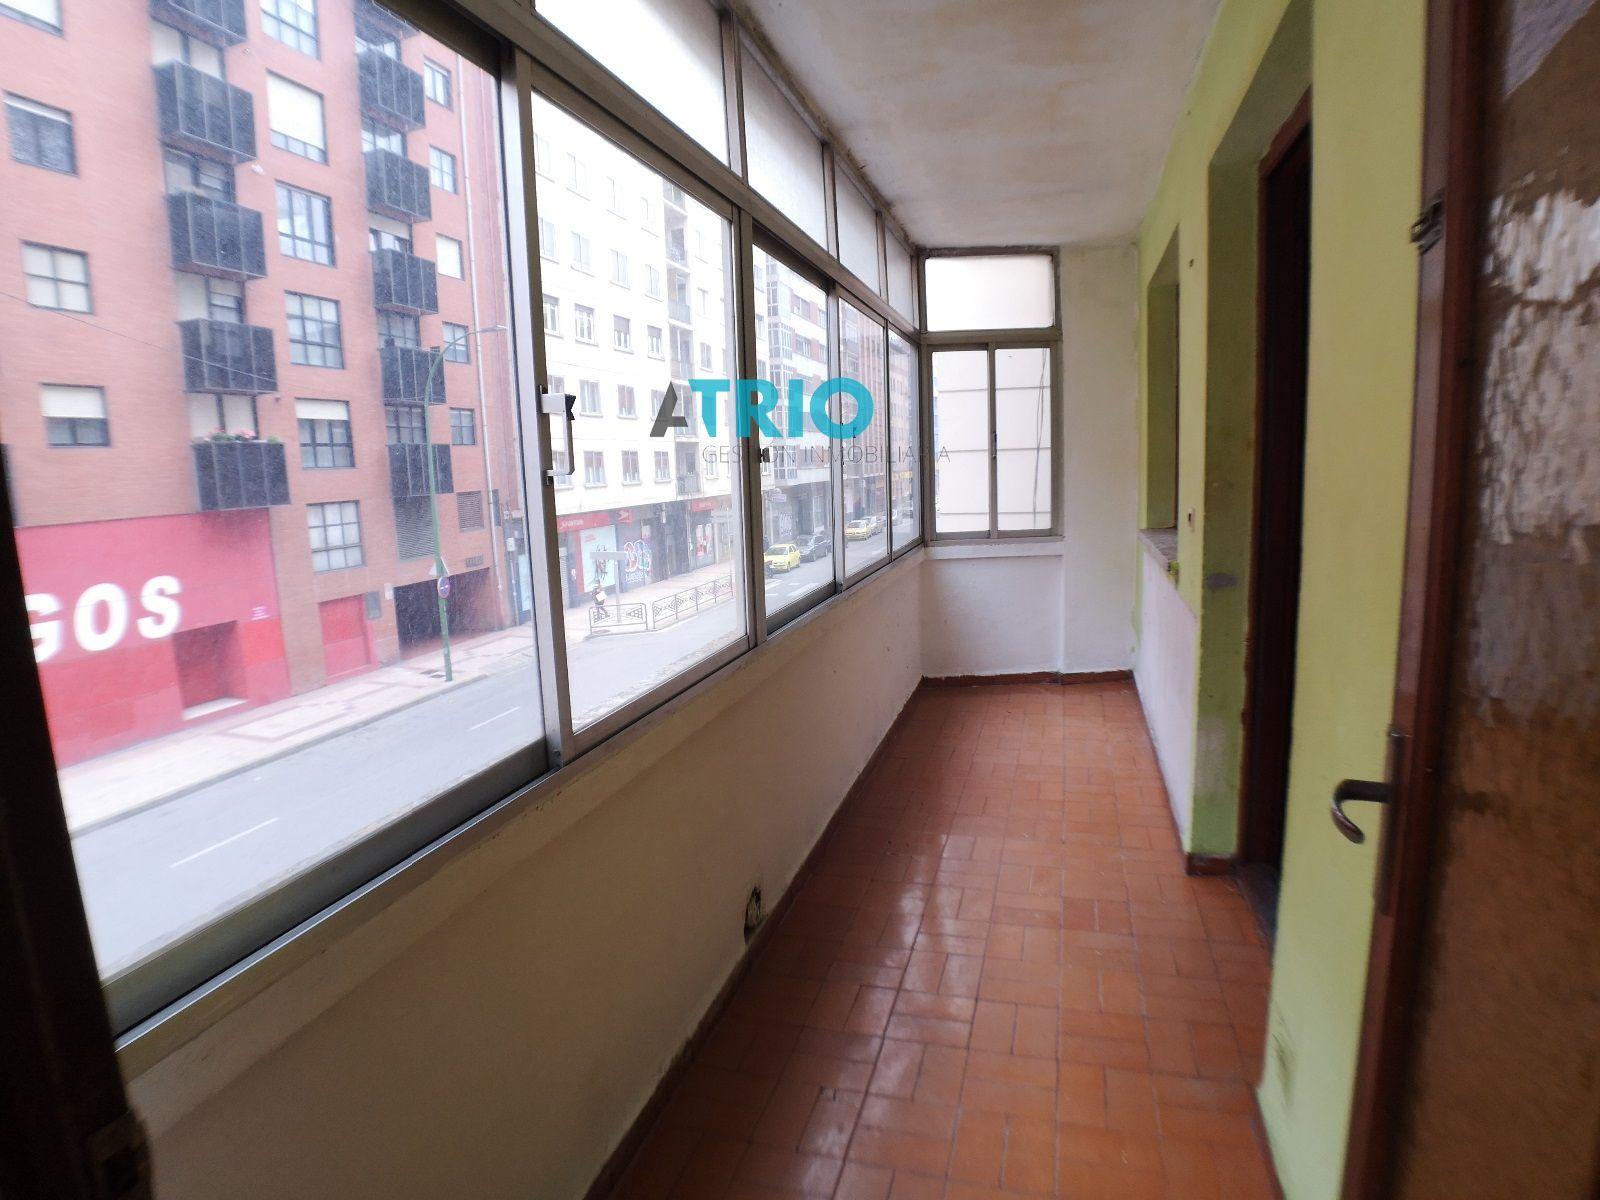 dia.mobiliagestion.es/Portals/inmoatrio/Images/5966/5558968